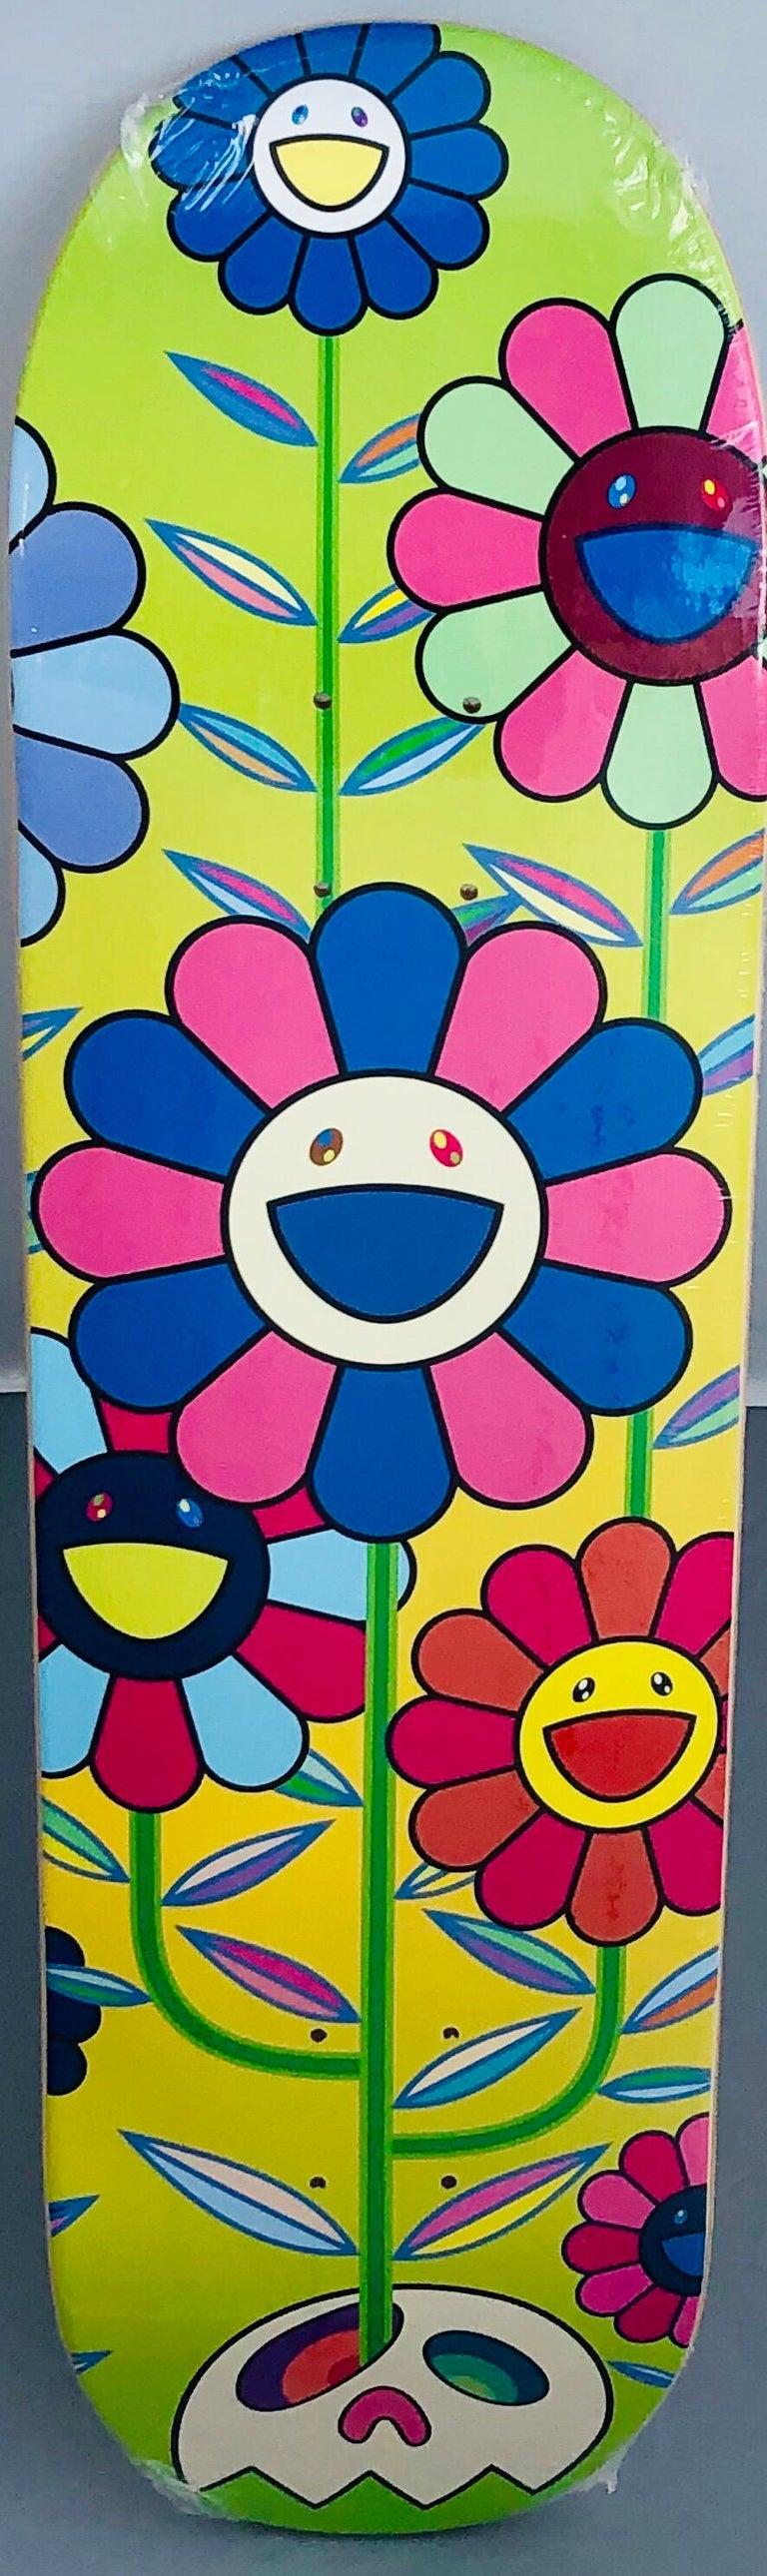 Murakami Flowers skateboard deck (Takashi Murakami flowers)  - Street Art Mixed Media Art by Takashi Murakami